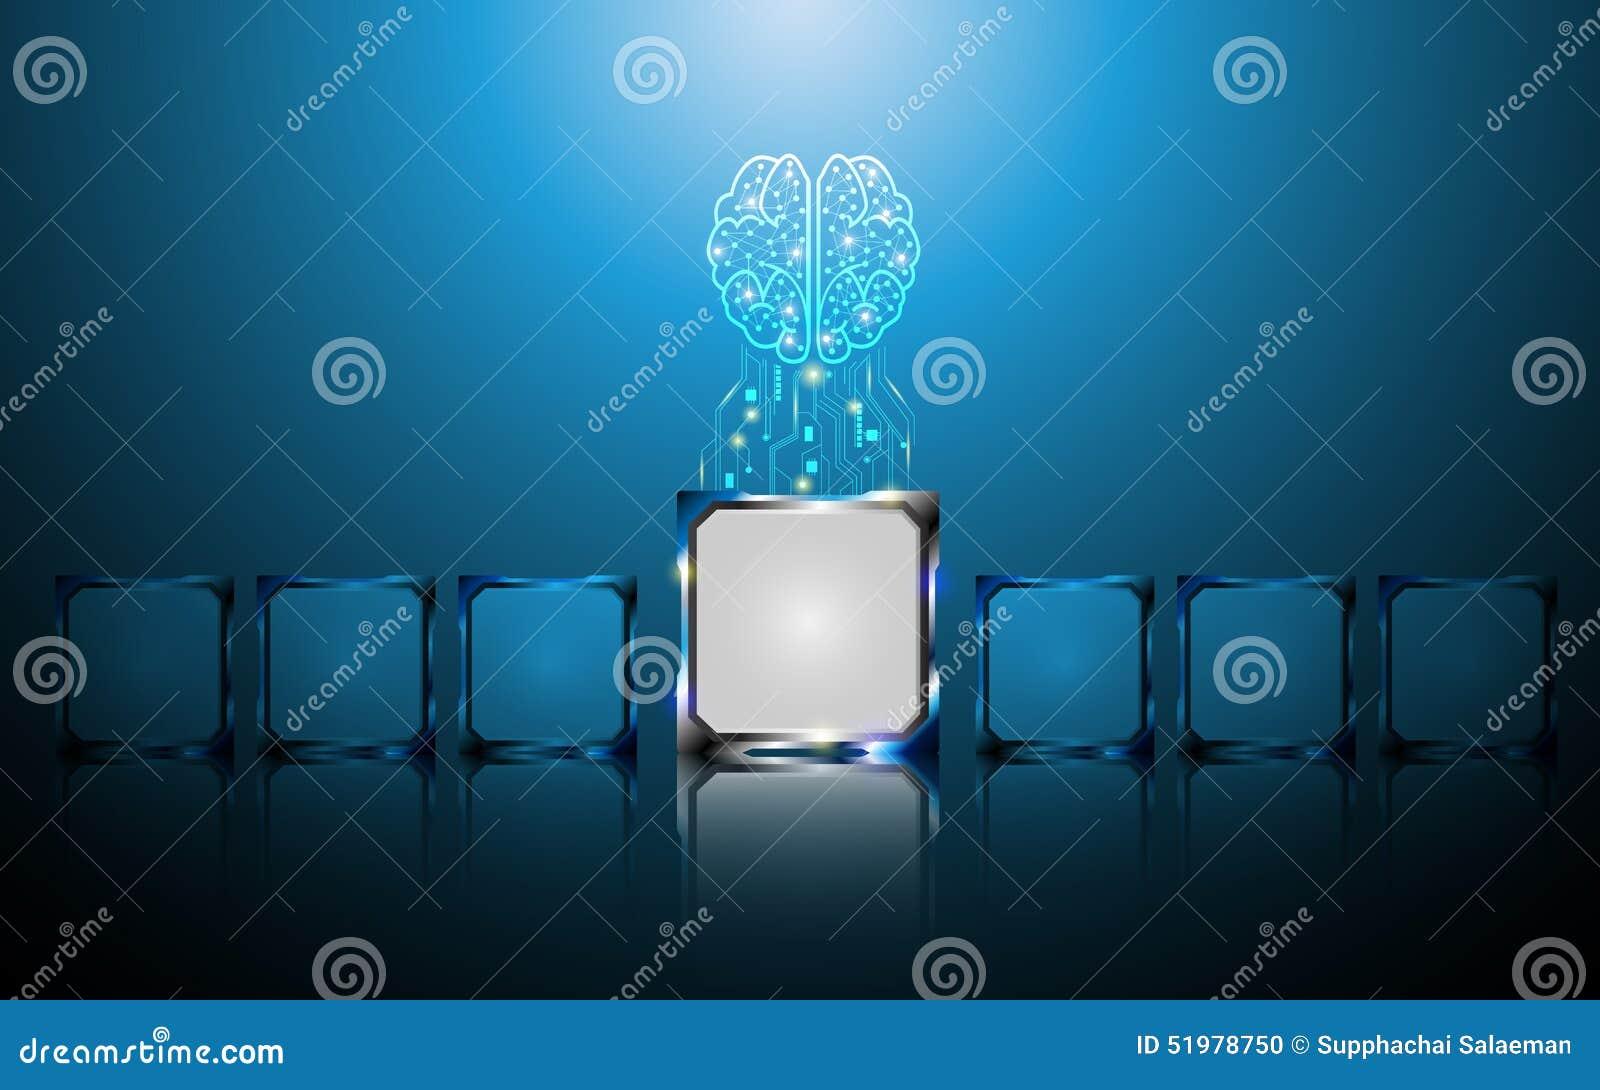 创造性的脑子和微集成电路数字式概念提取背景